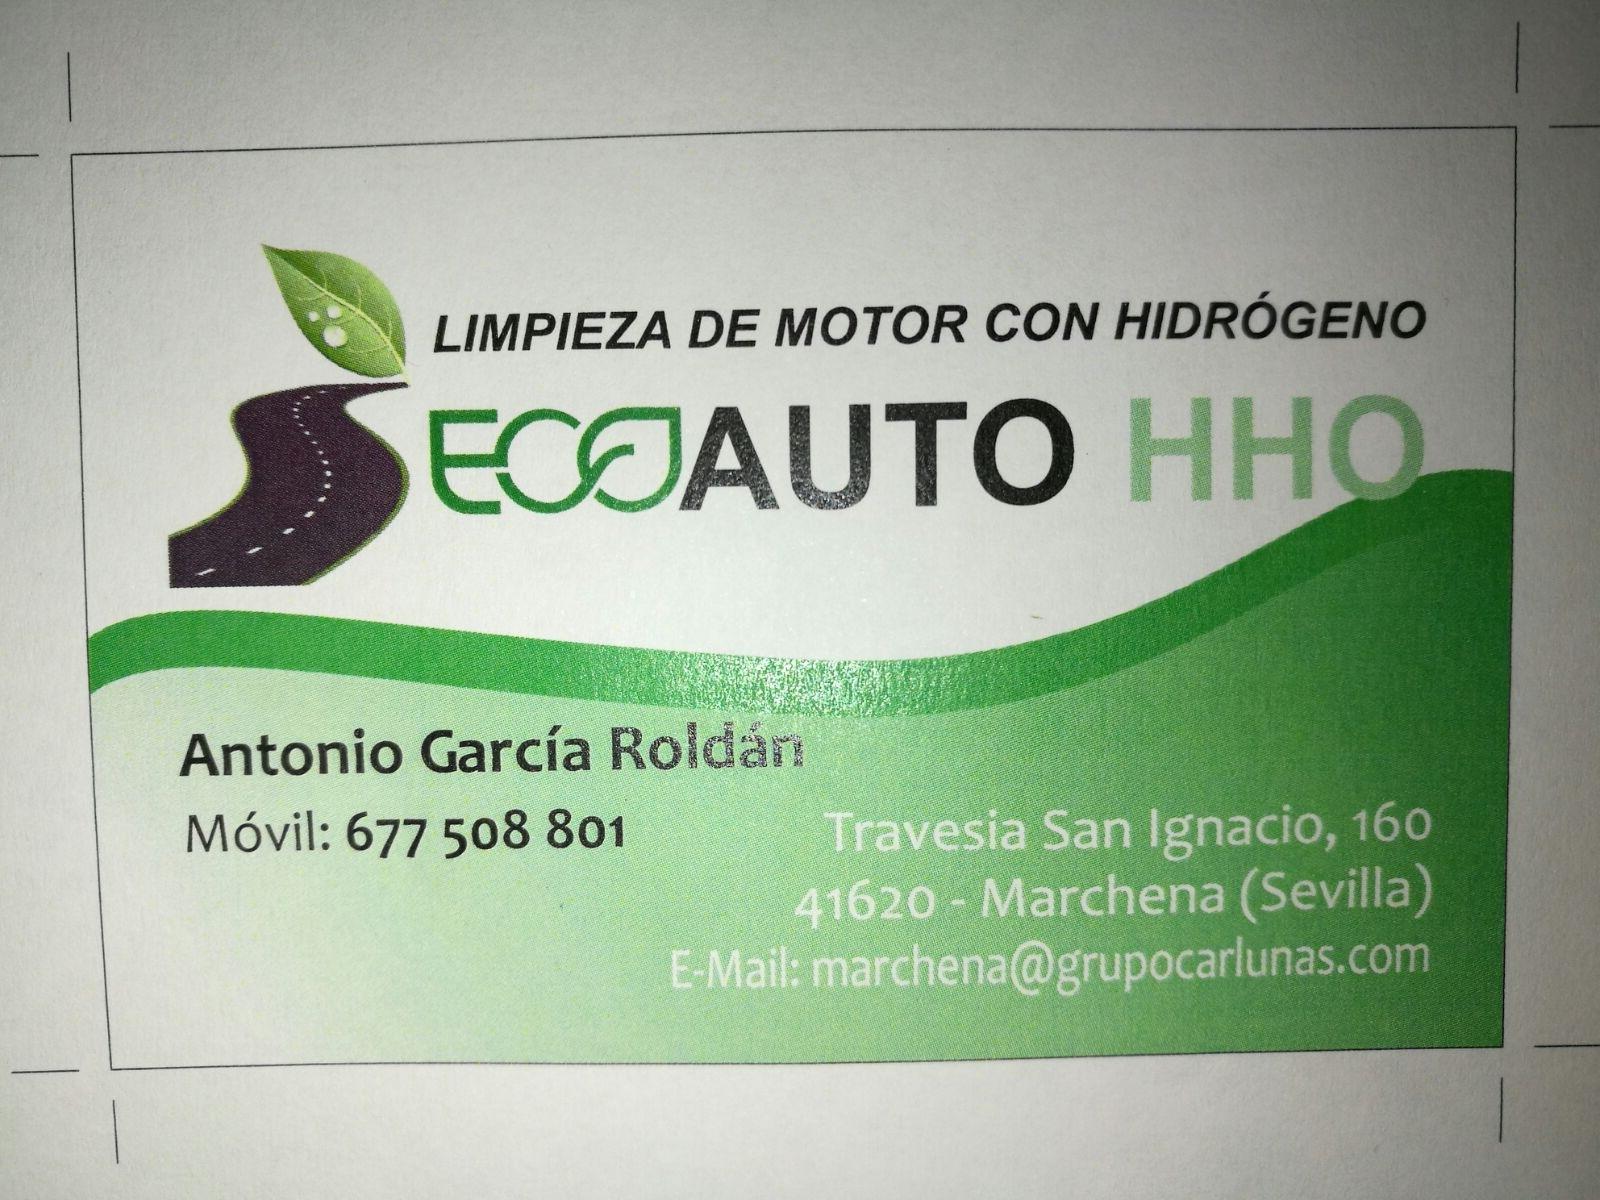 Ecoauto Hho Marchena